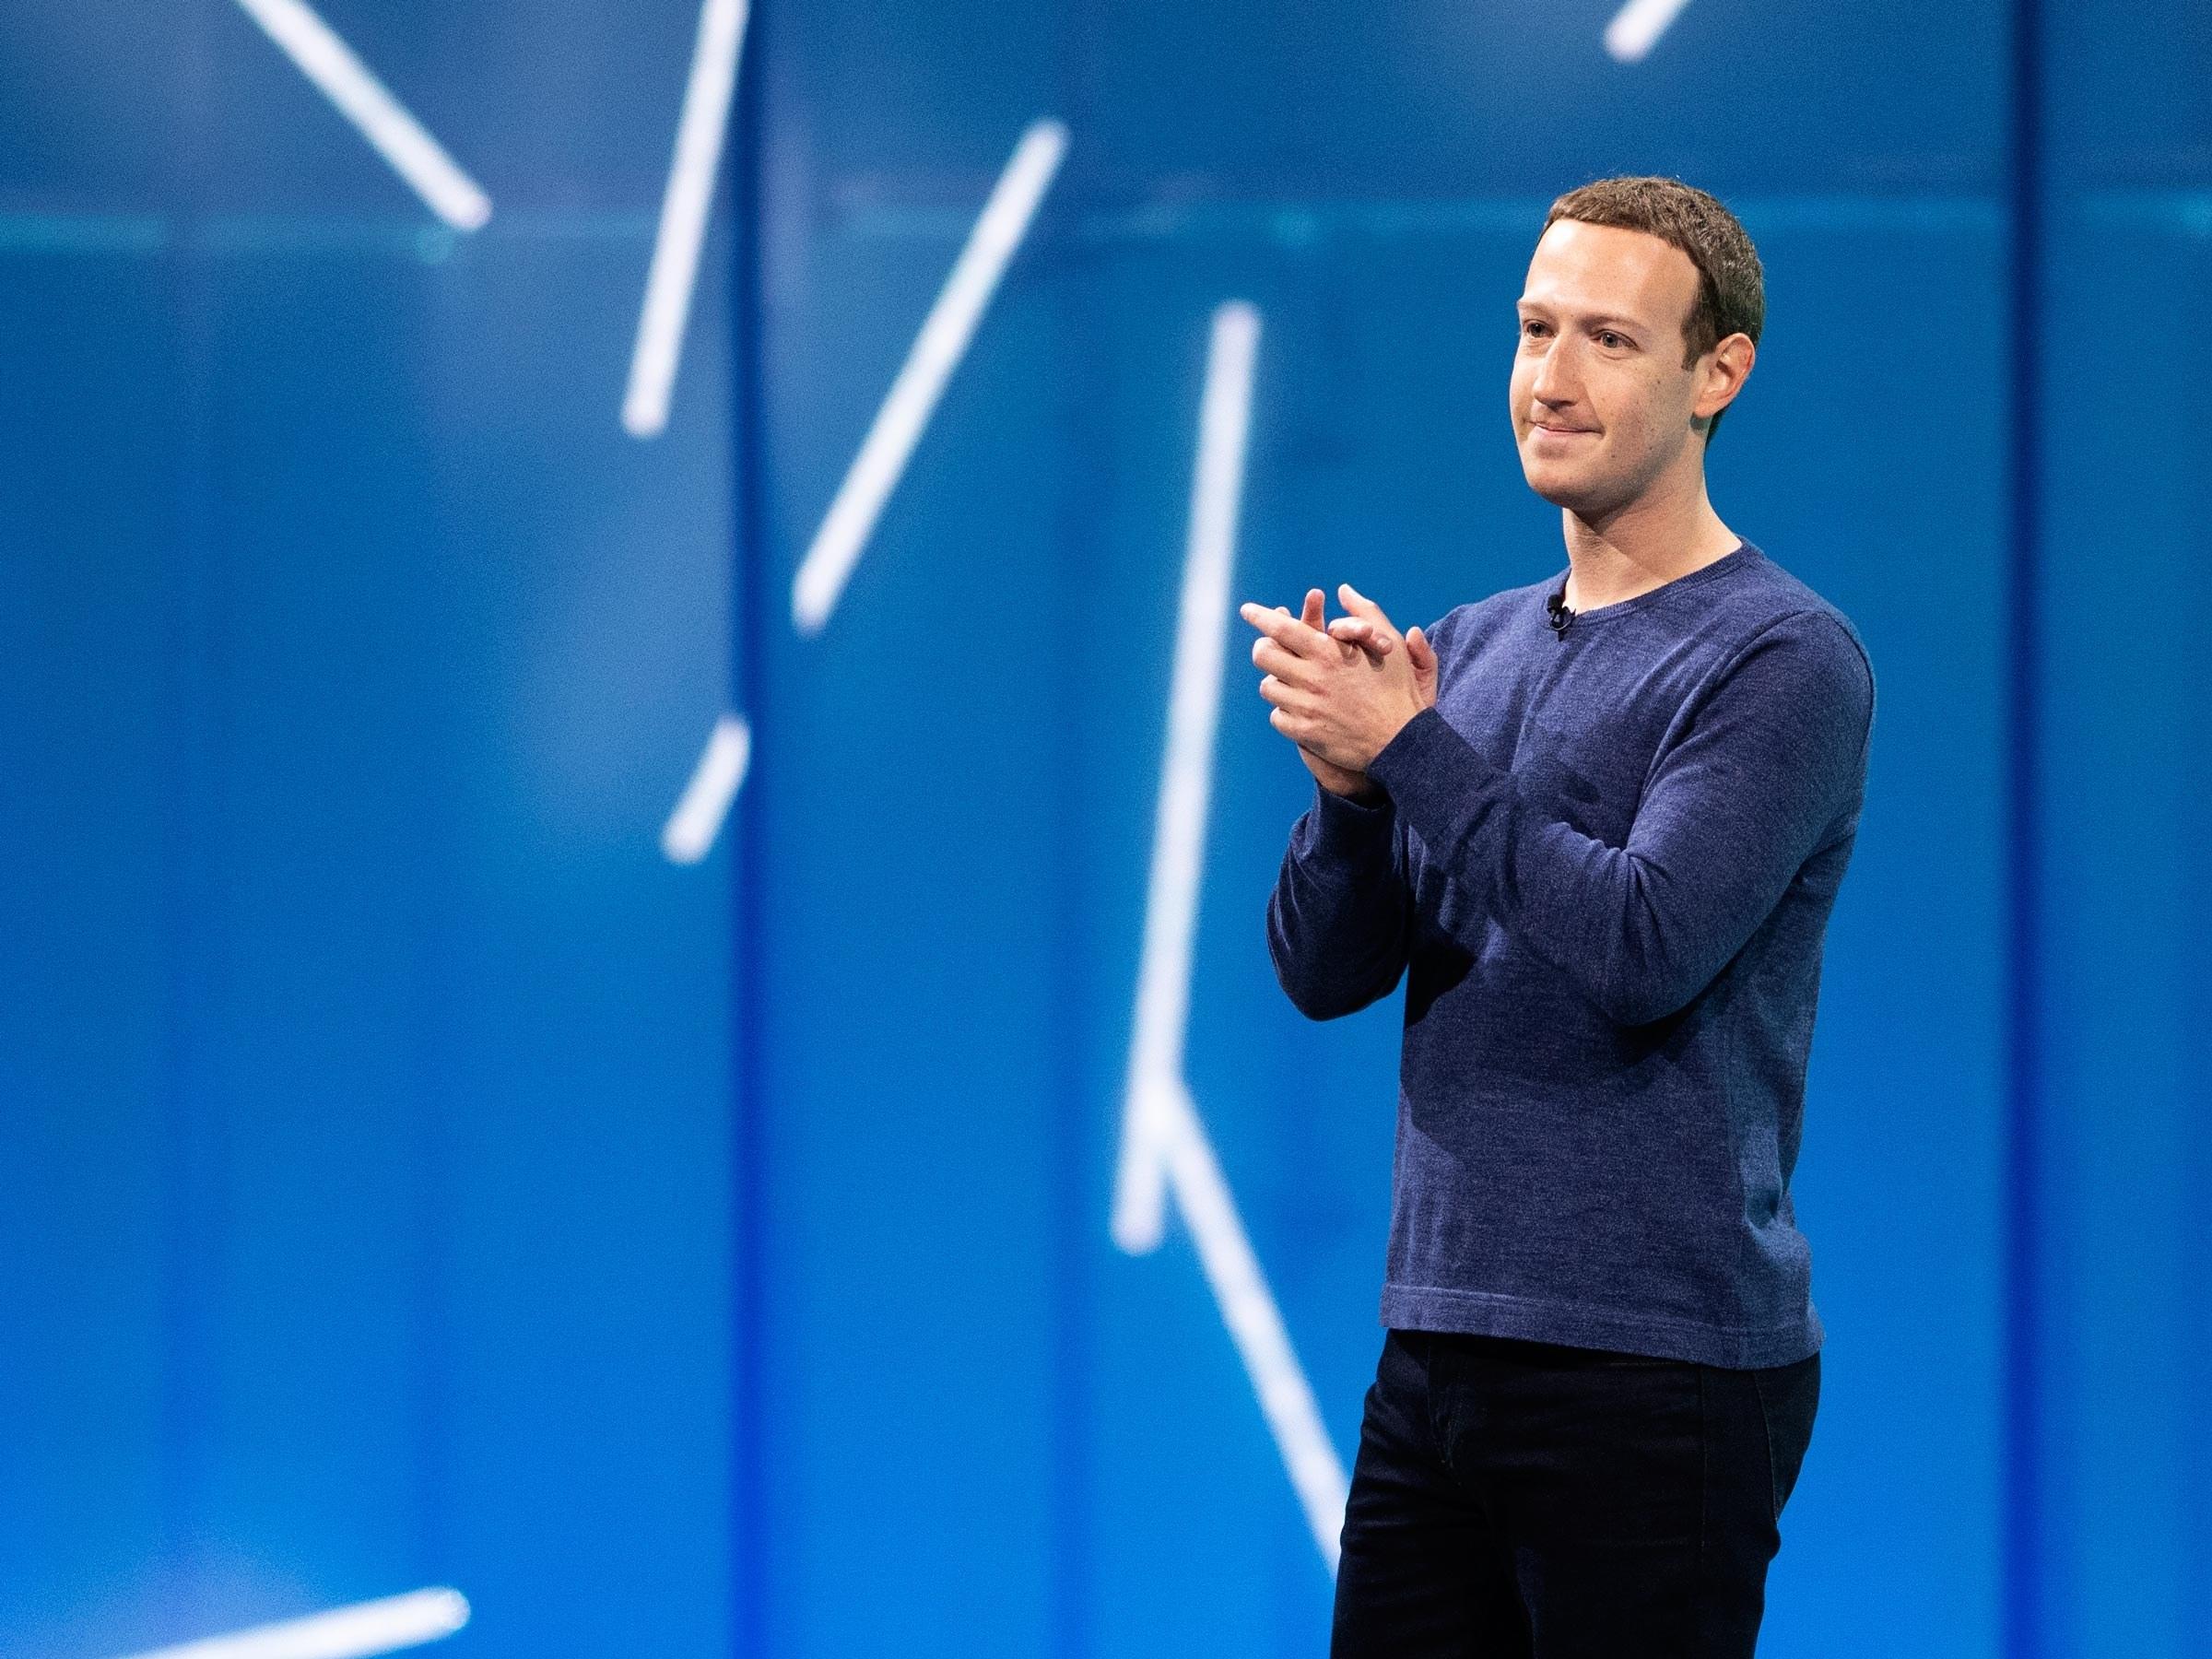 Fantasma de multa puede generar pérdidas millonarias para Facebook